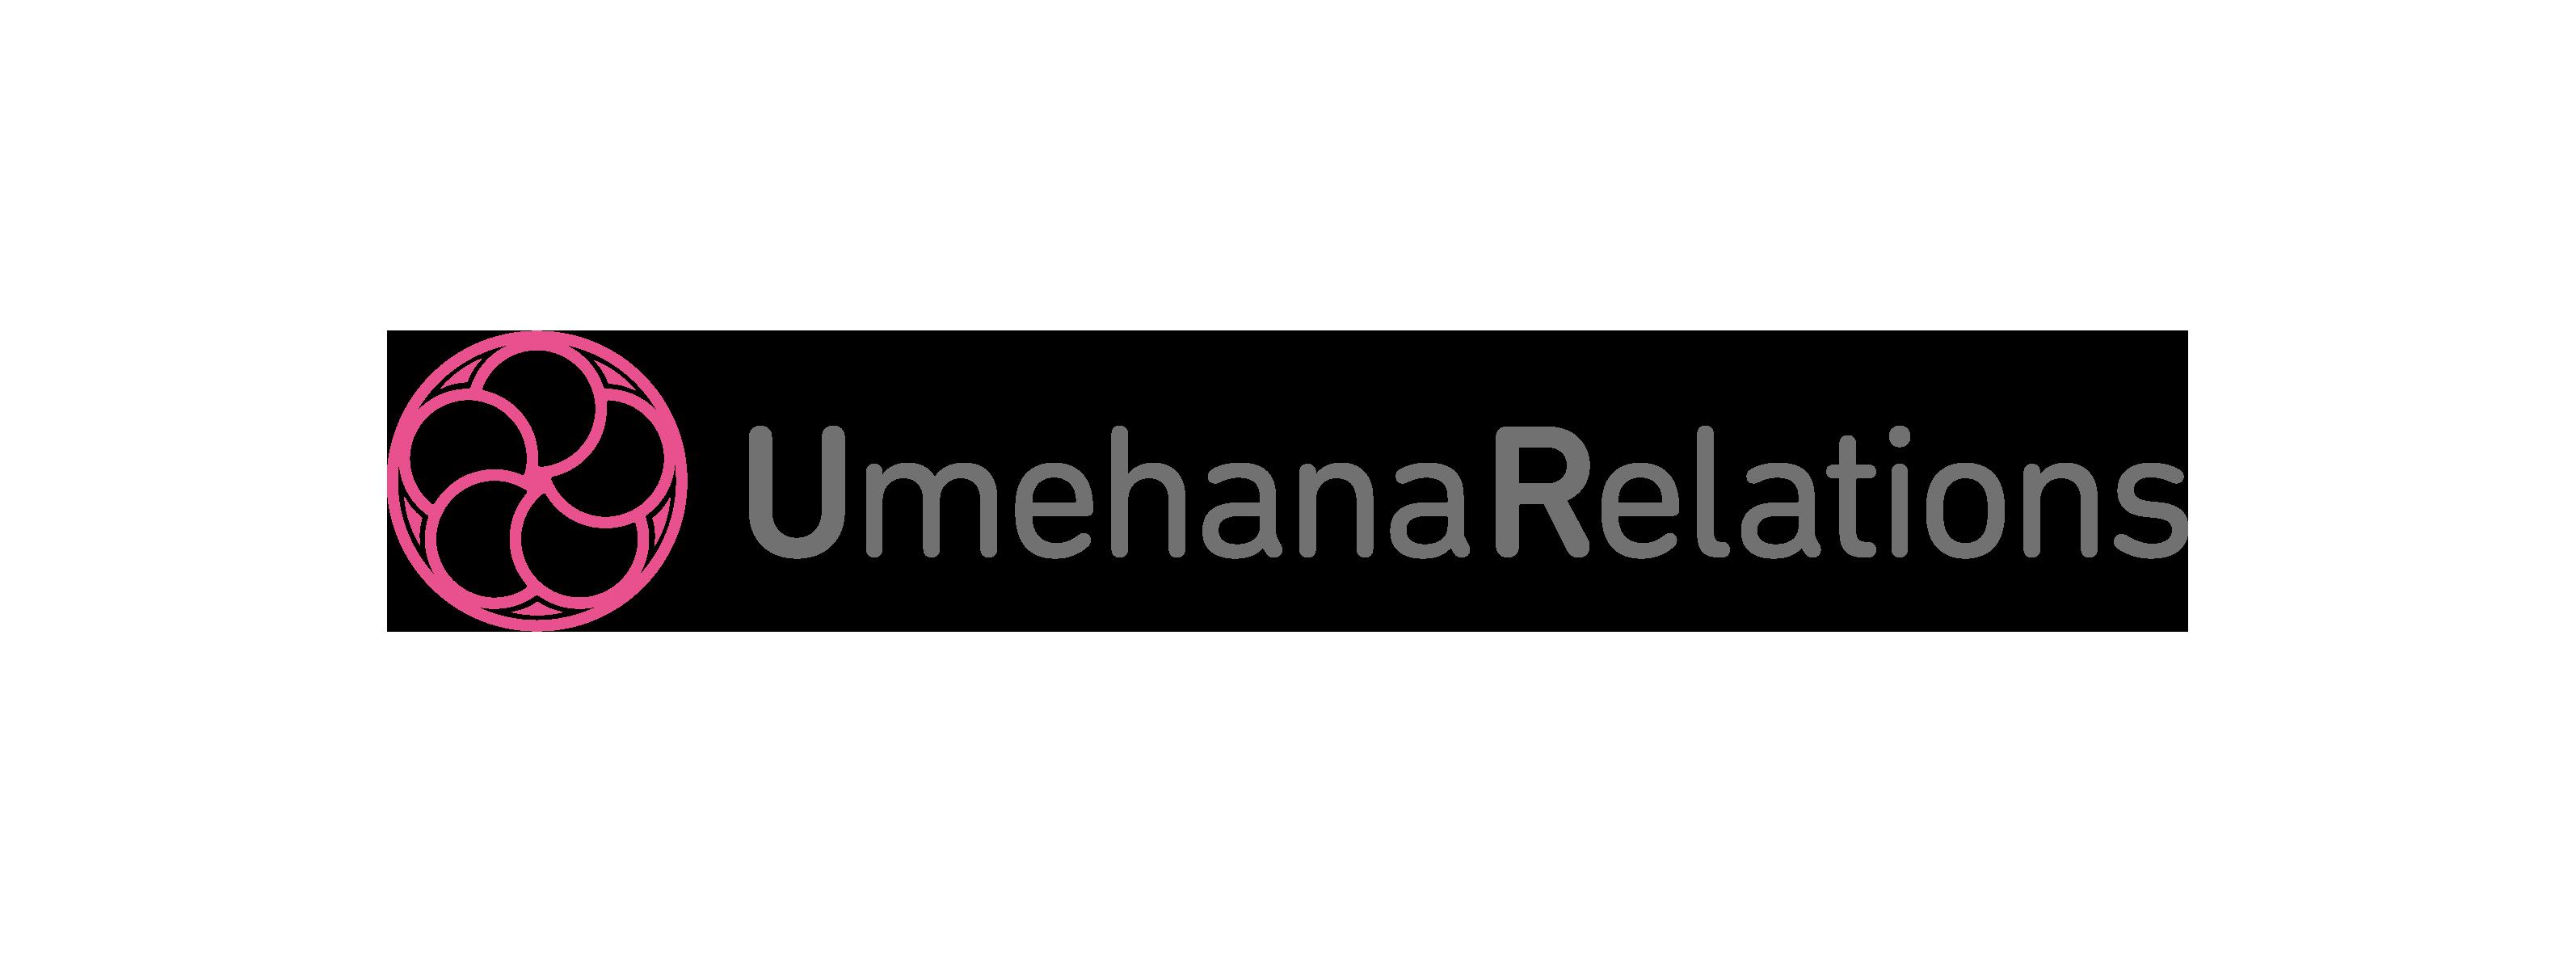 保育士コミュニケーション研修 ウメハナリレーションズ 公式HP